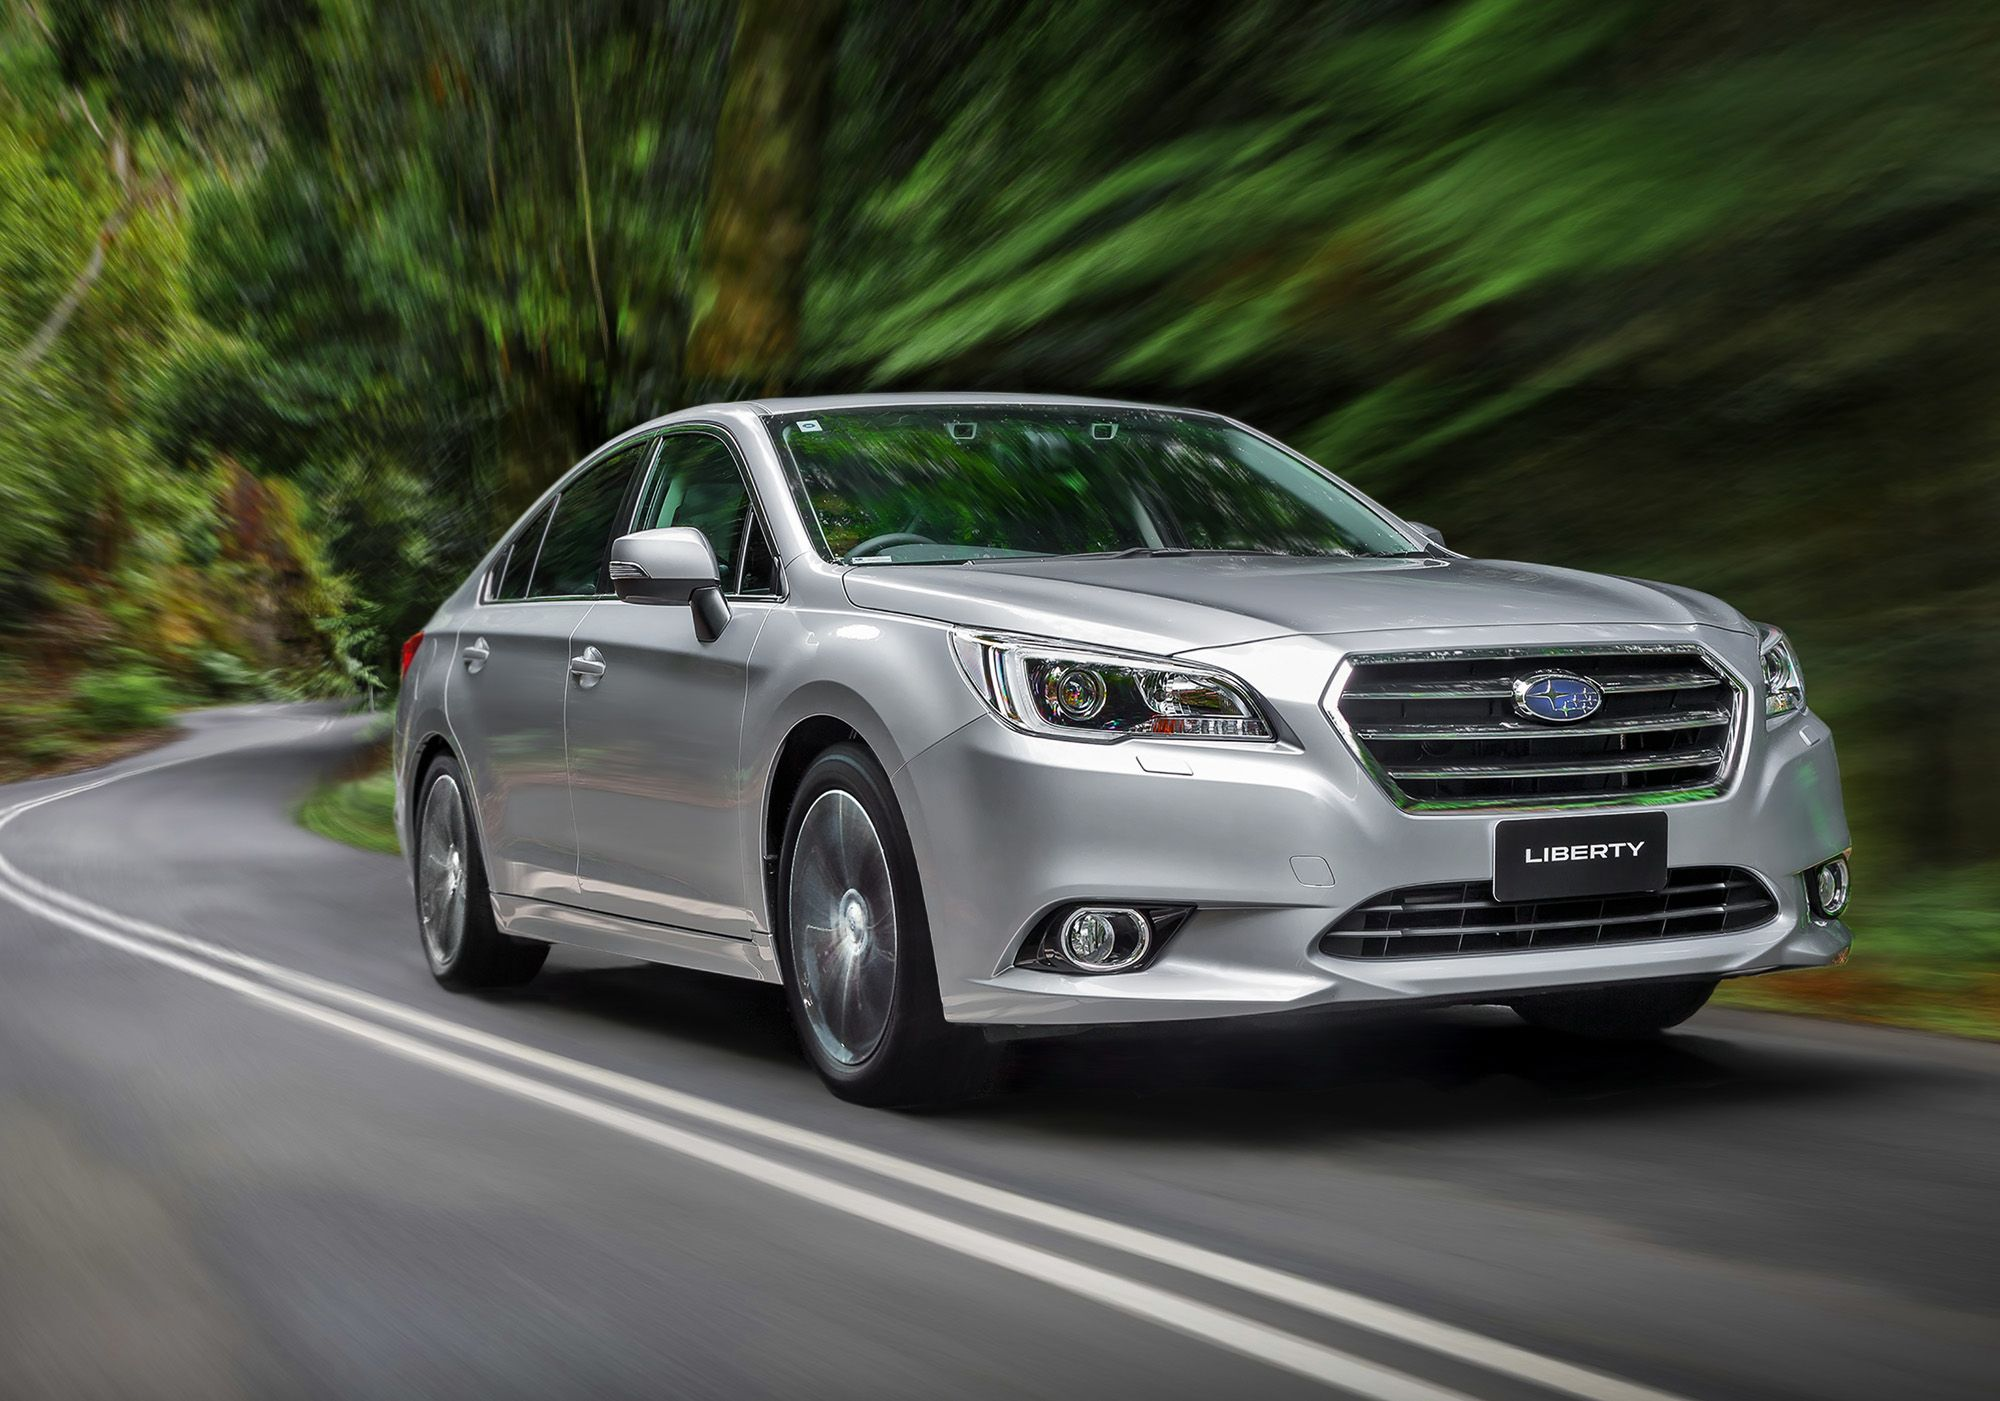 2016 subaru liberty, The 2016 Subaru Liberty vs The Hyundai Sonata